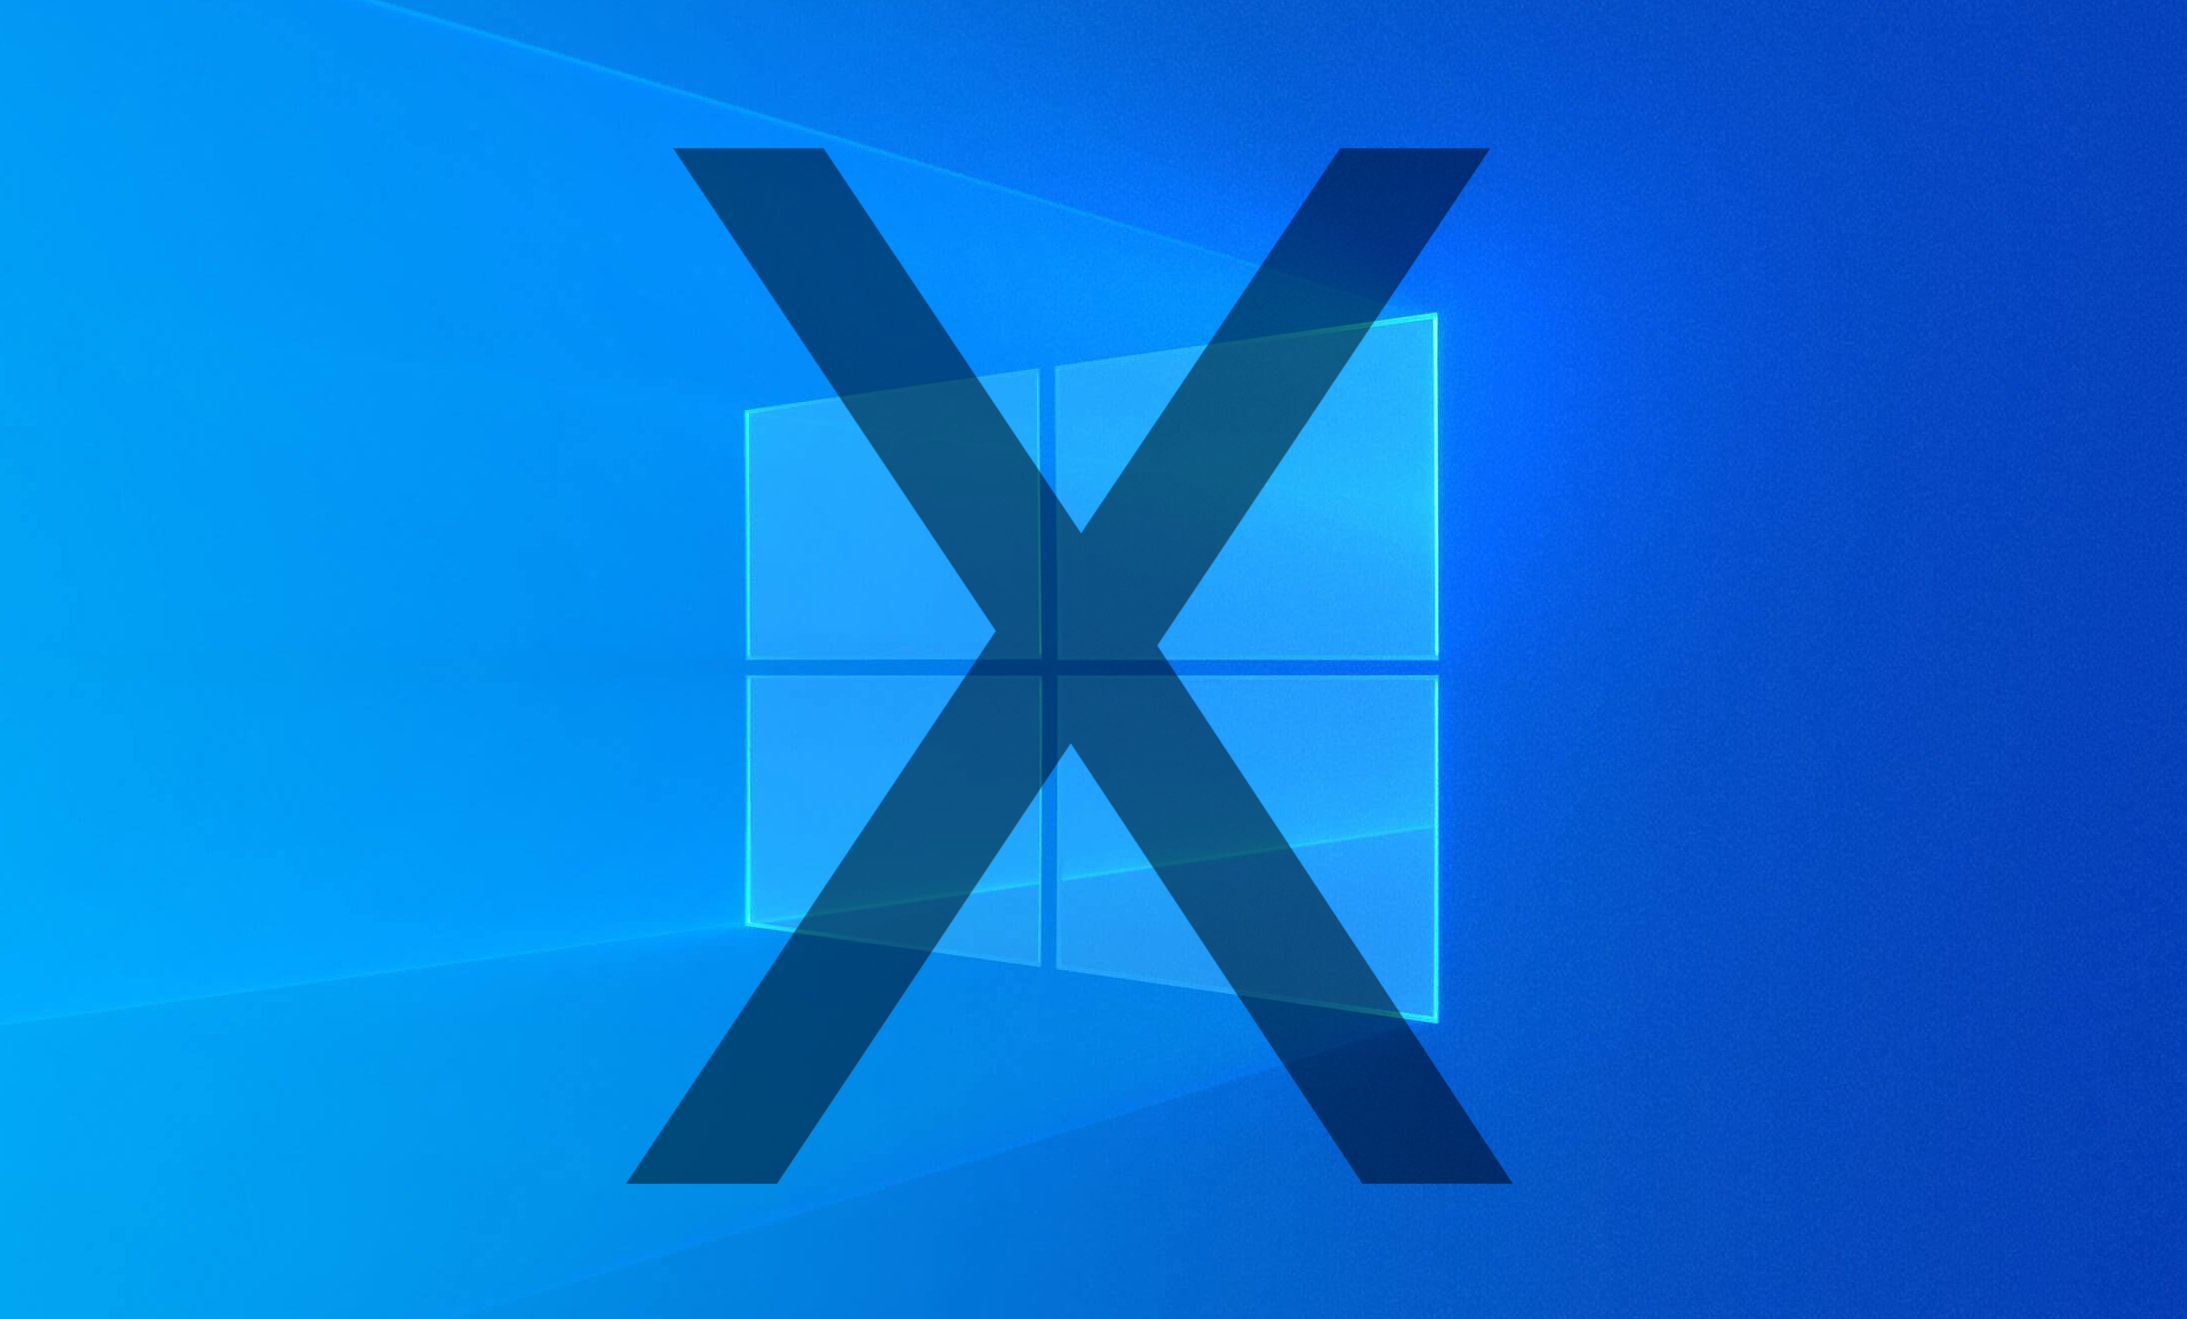 windows 10x